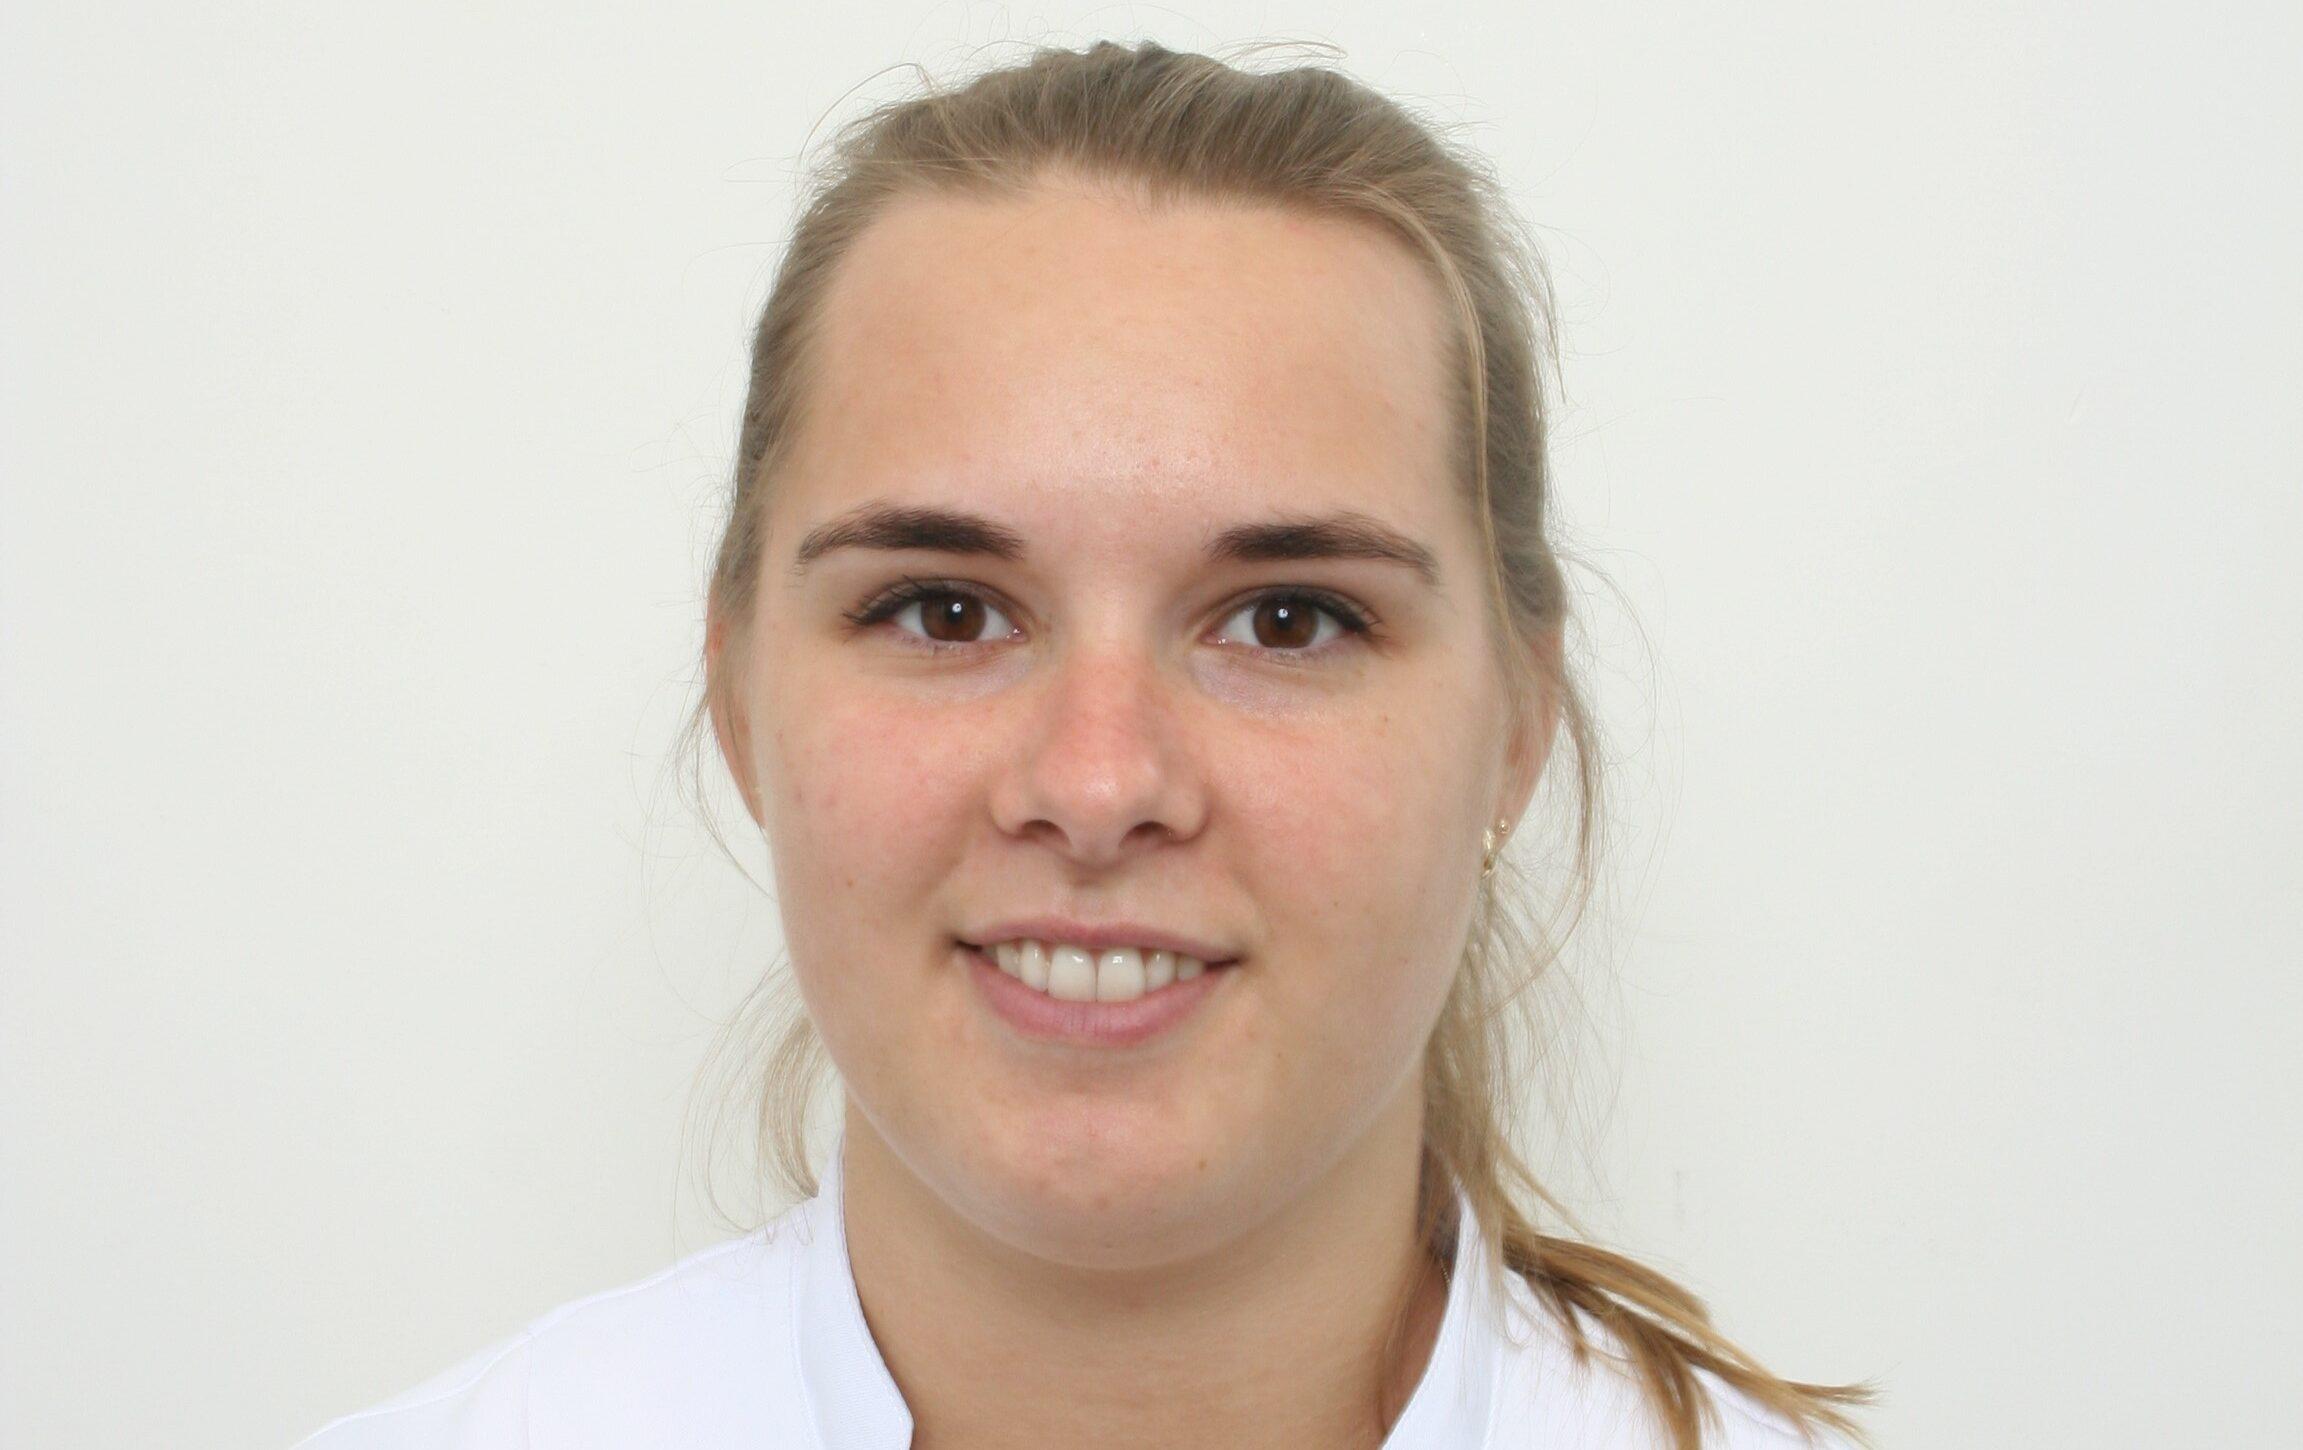 Leonie Veenman